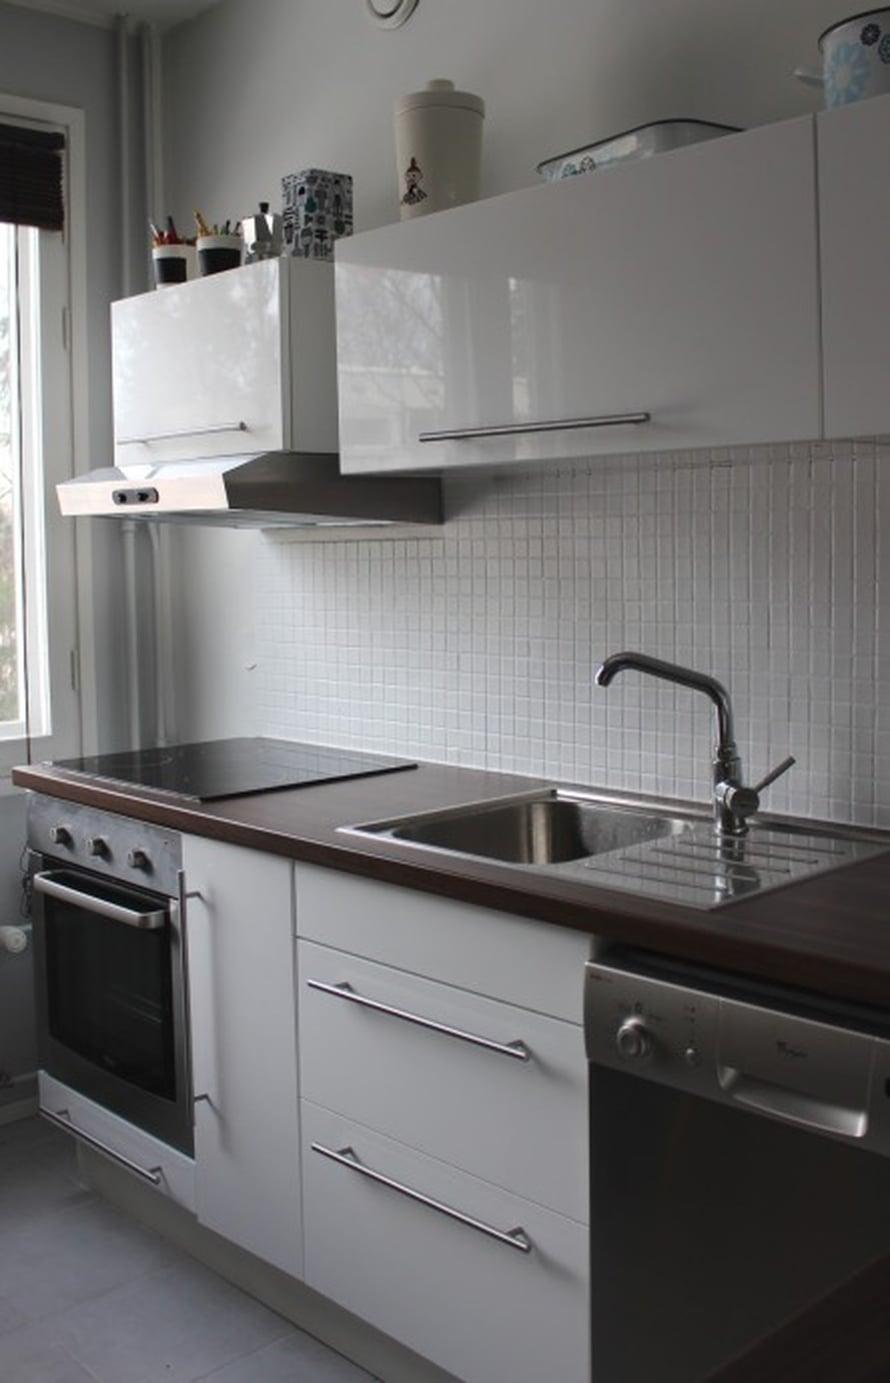 Nyt keittiön välitila on raikkaan vaalea. Harmaa on hyvä sävy välitilassa, sillä se tuo valoisuutta, mutta ei likaannu yhtä nopeasti kuin valkoinen.